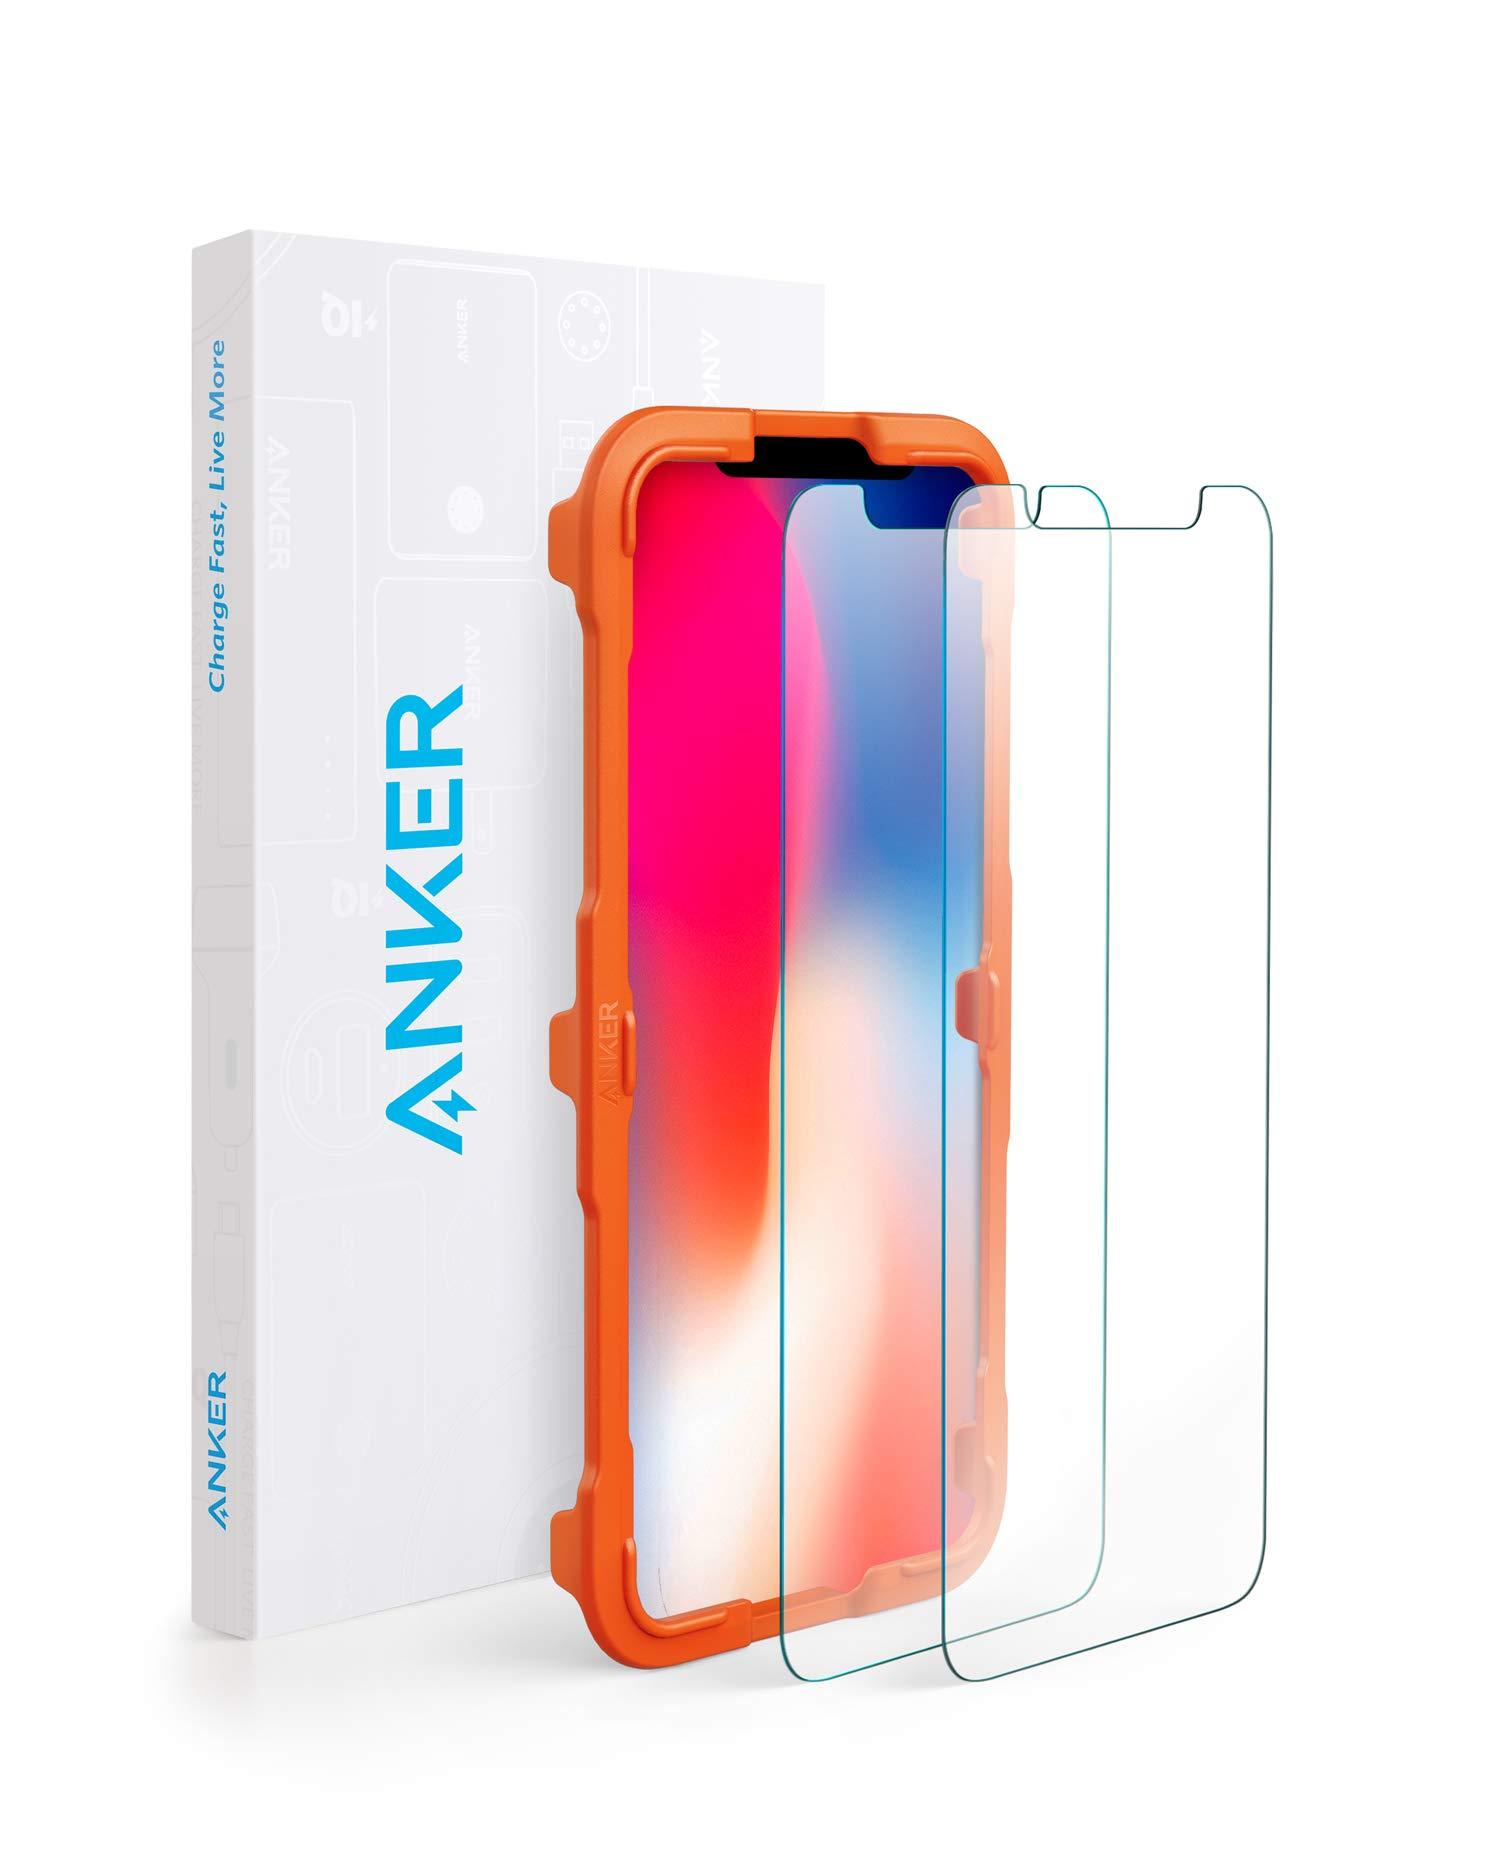 【2枚セット / 専用フレーム付属】Anker GlassGuard iPhone XS/X用 強化ガラス液晶保護フィルム 【3D Touch対応 / 硬度9H / 簡単貼付】